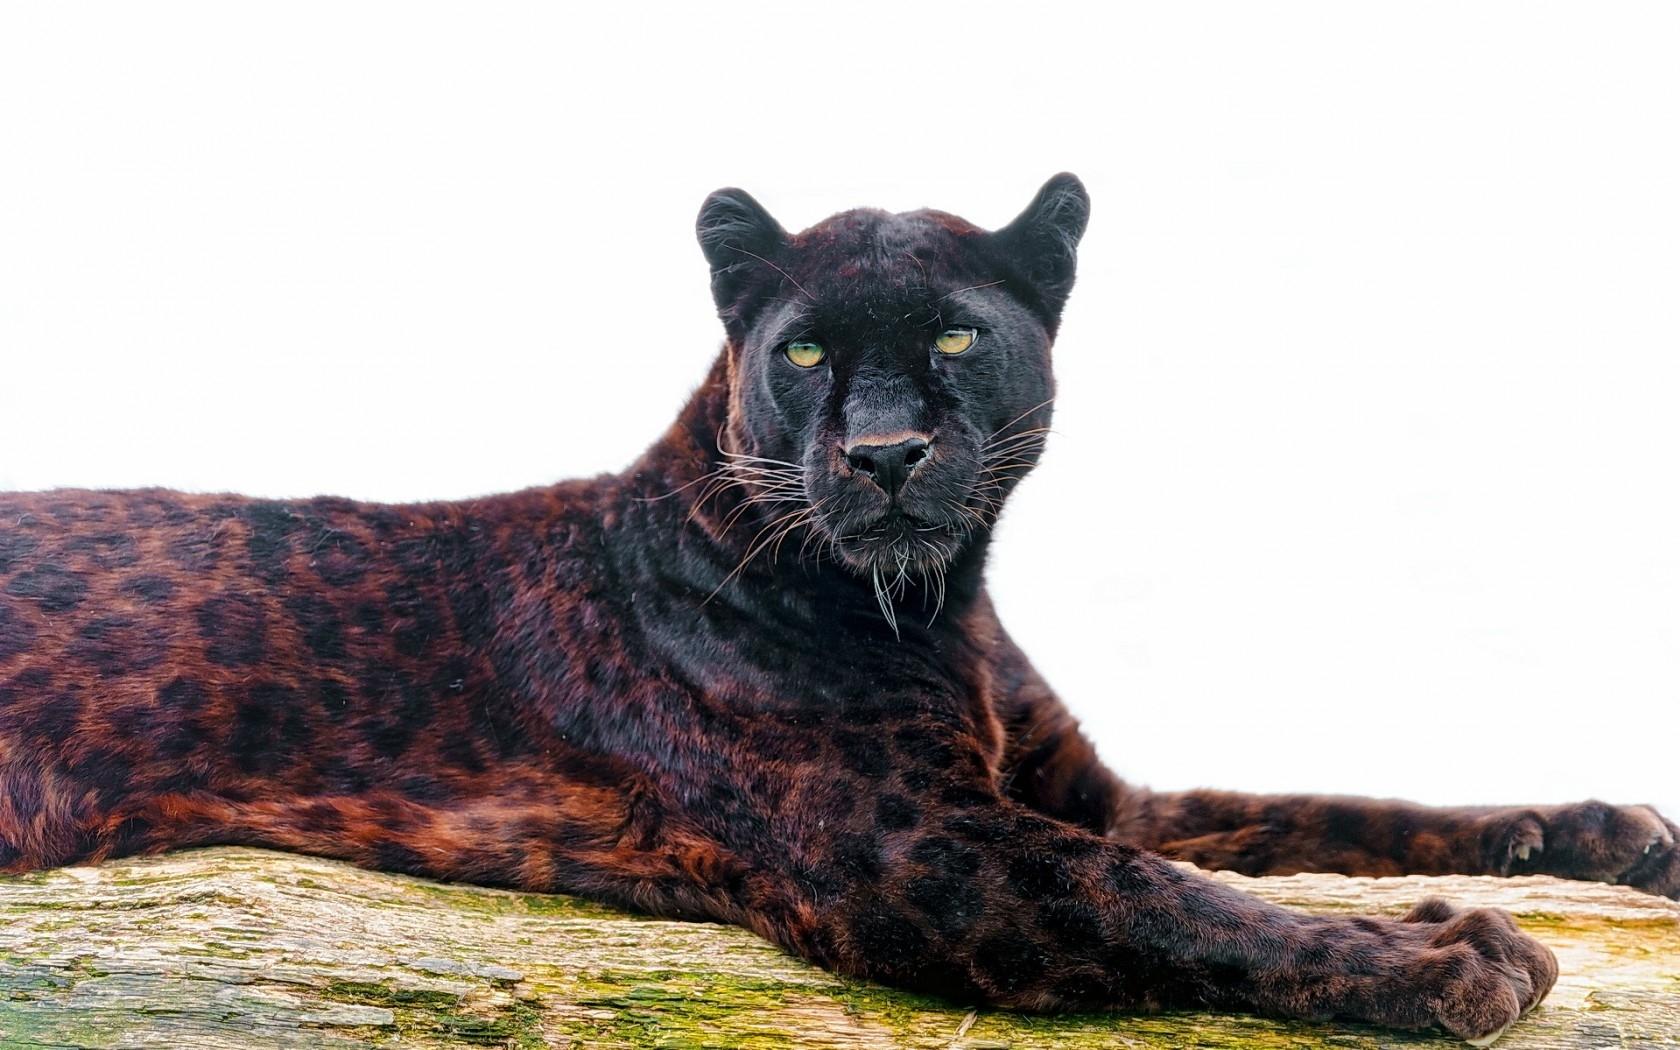 большинство картинки пантера гепард целенаправленно делают наколки